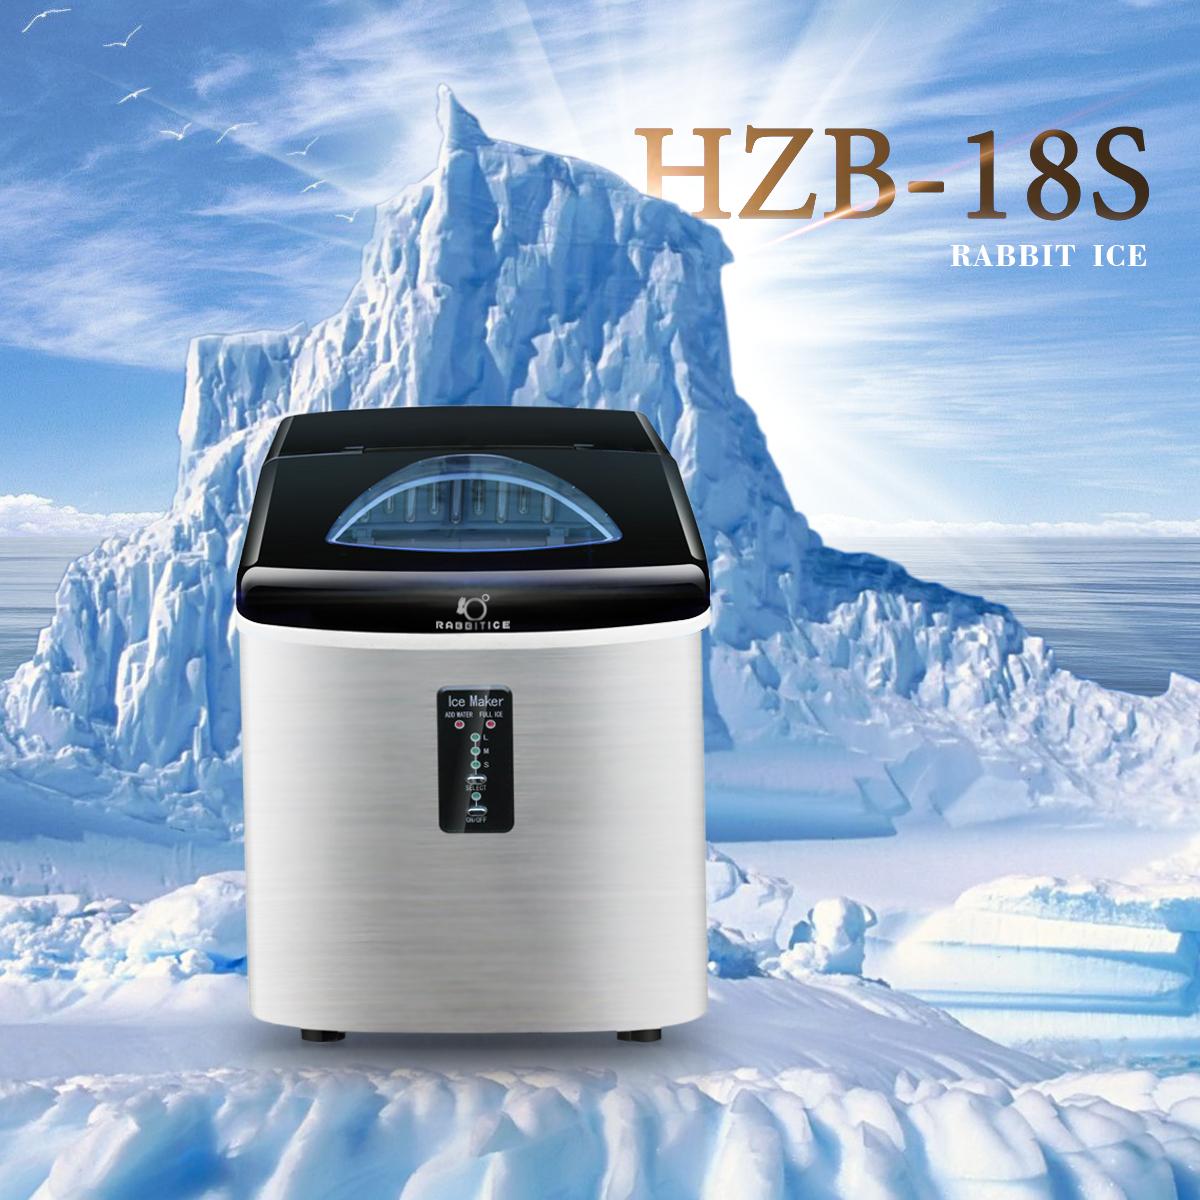 เครื่องทำน้ำแข็งขนาดเล็ก รุ่น HZB-18S